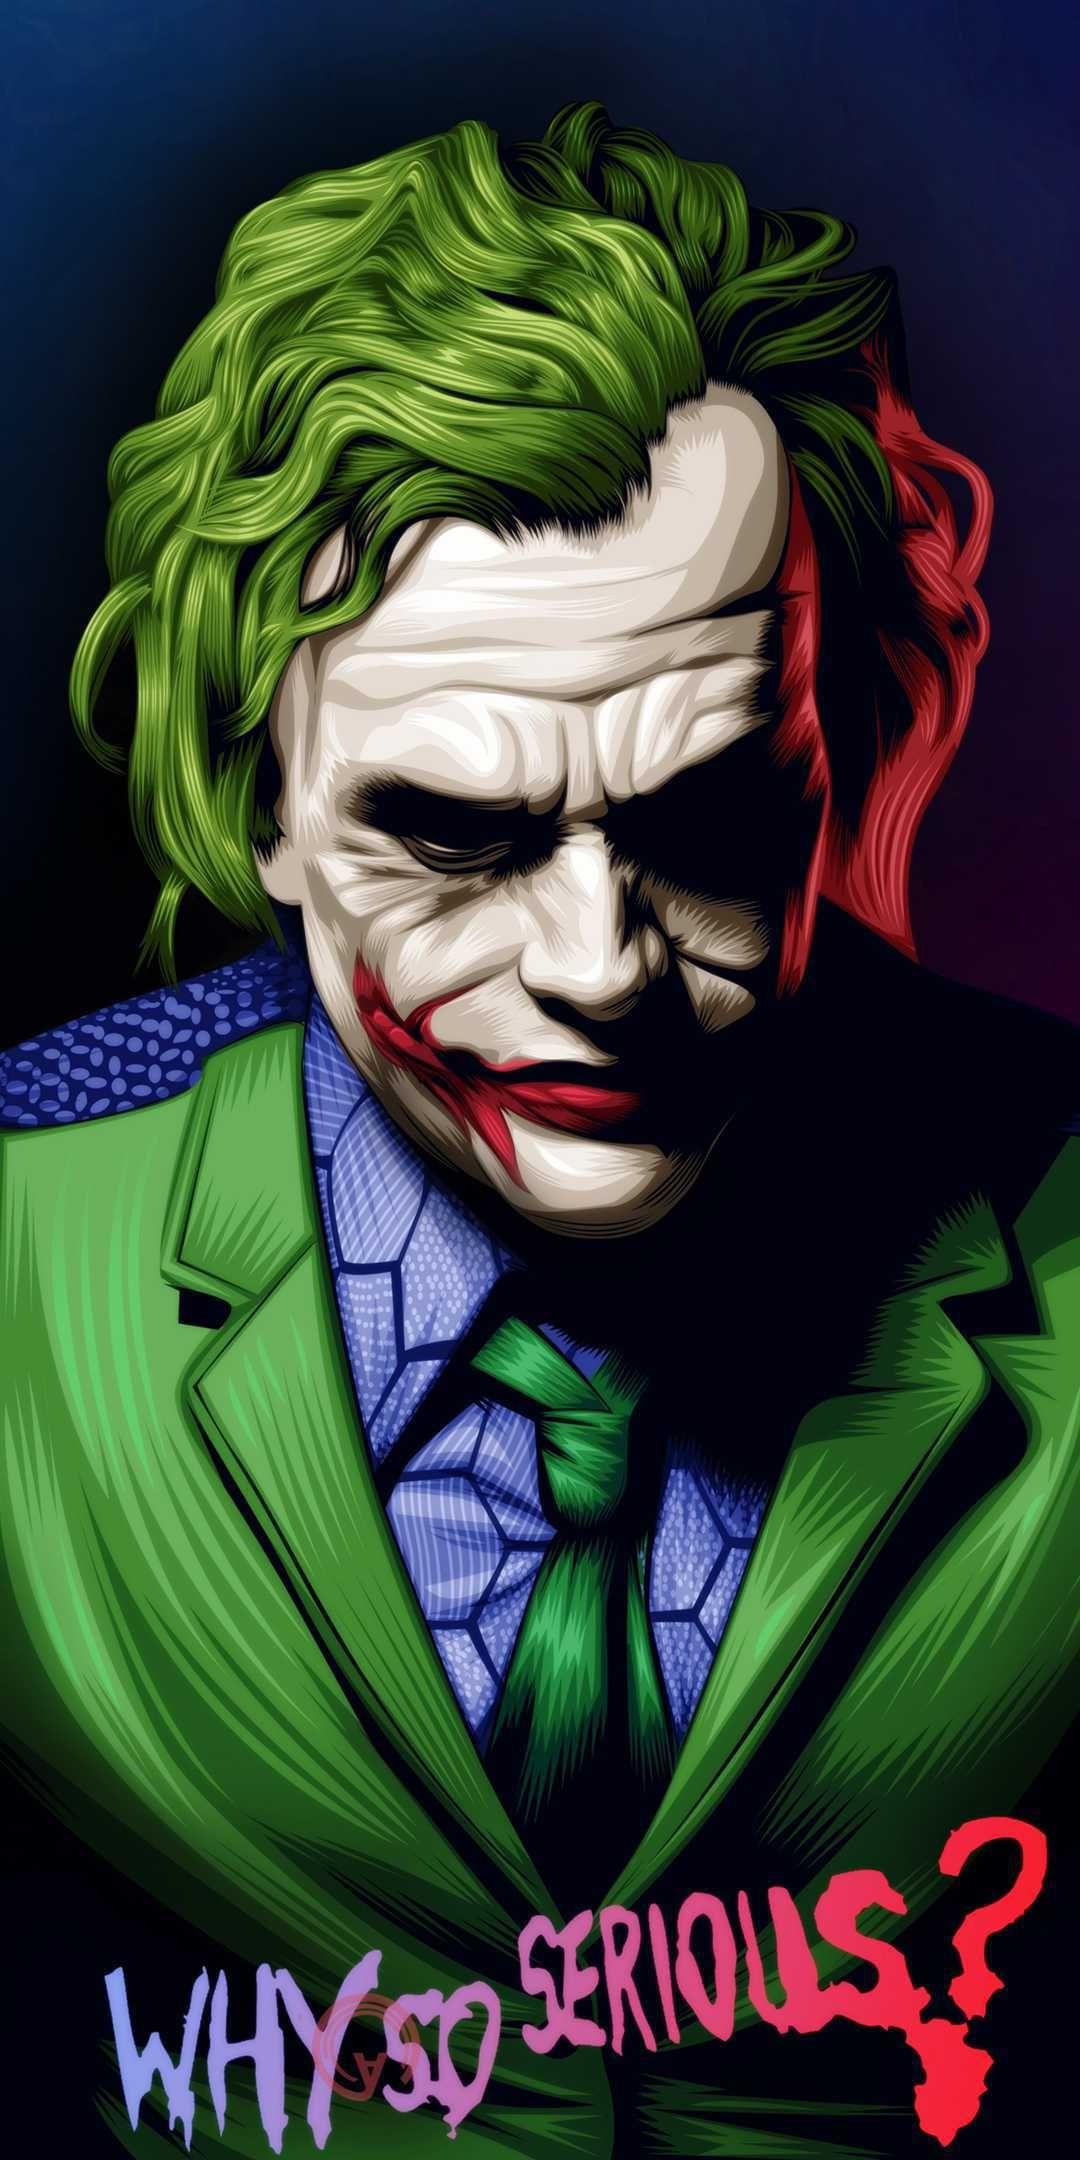 Joker Why So Serious Iphone Wallpaper Joker Hd Wallpaper Joker Wallpapers Joker Pics Joker why so serious iphone wallpaper hd